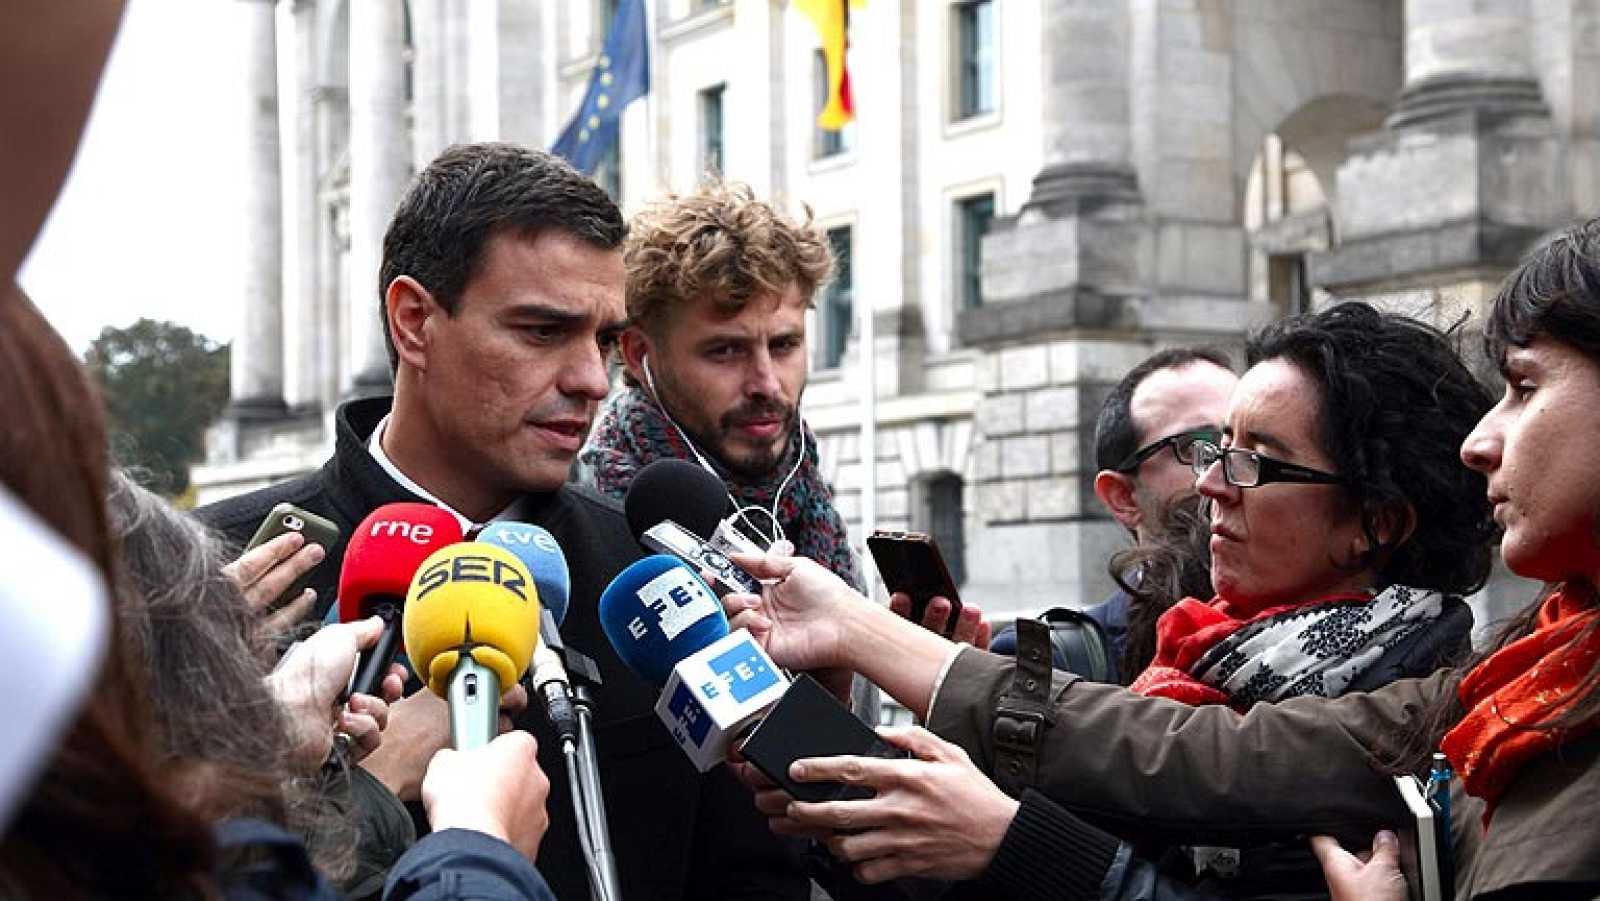 El líder del PSOE ha hablado con el presidente del Gobierno para hablar sobre la situación